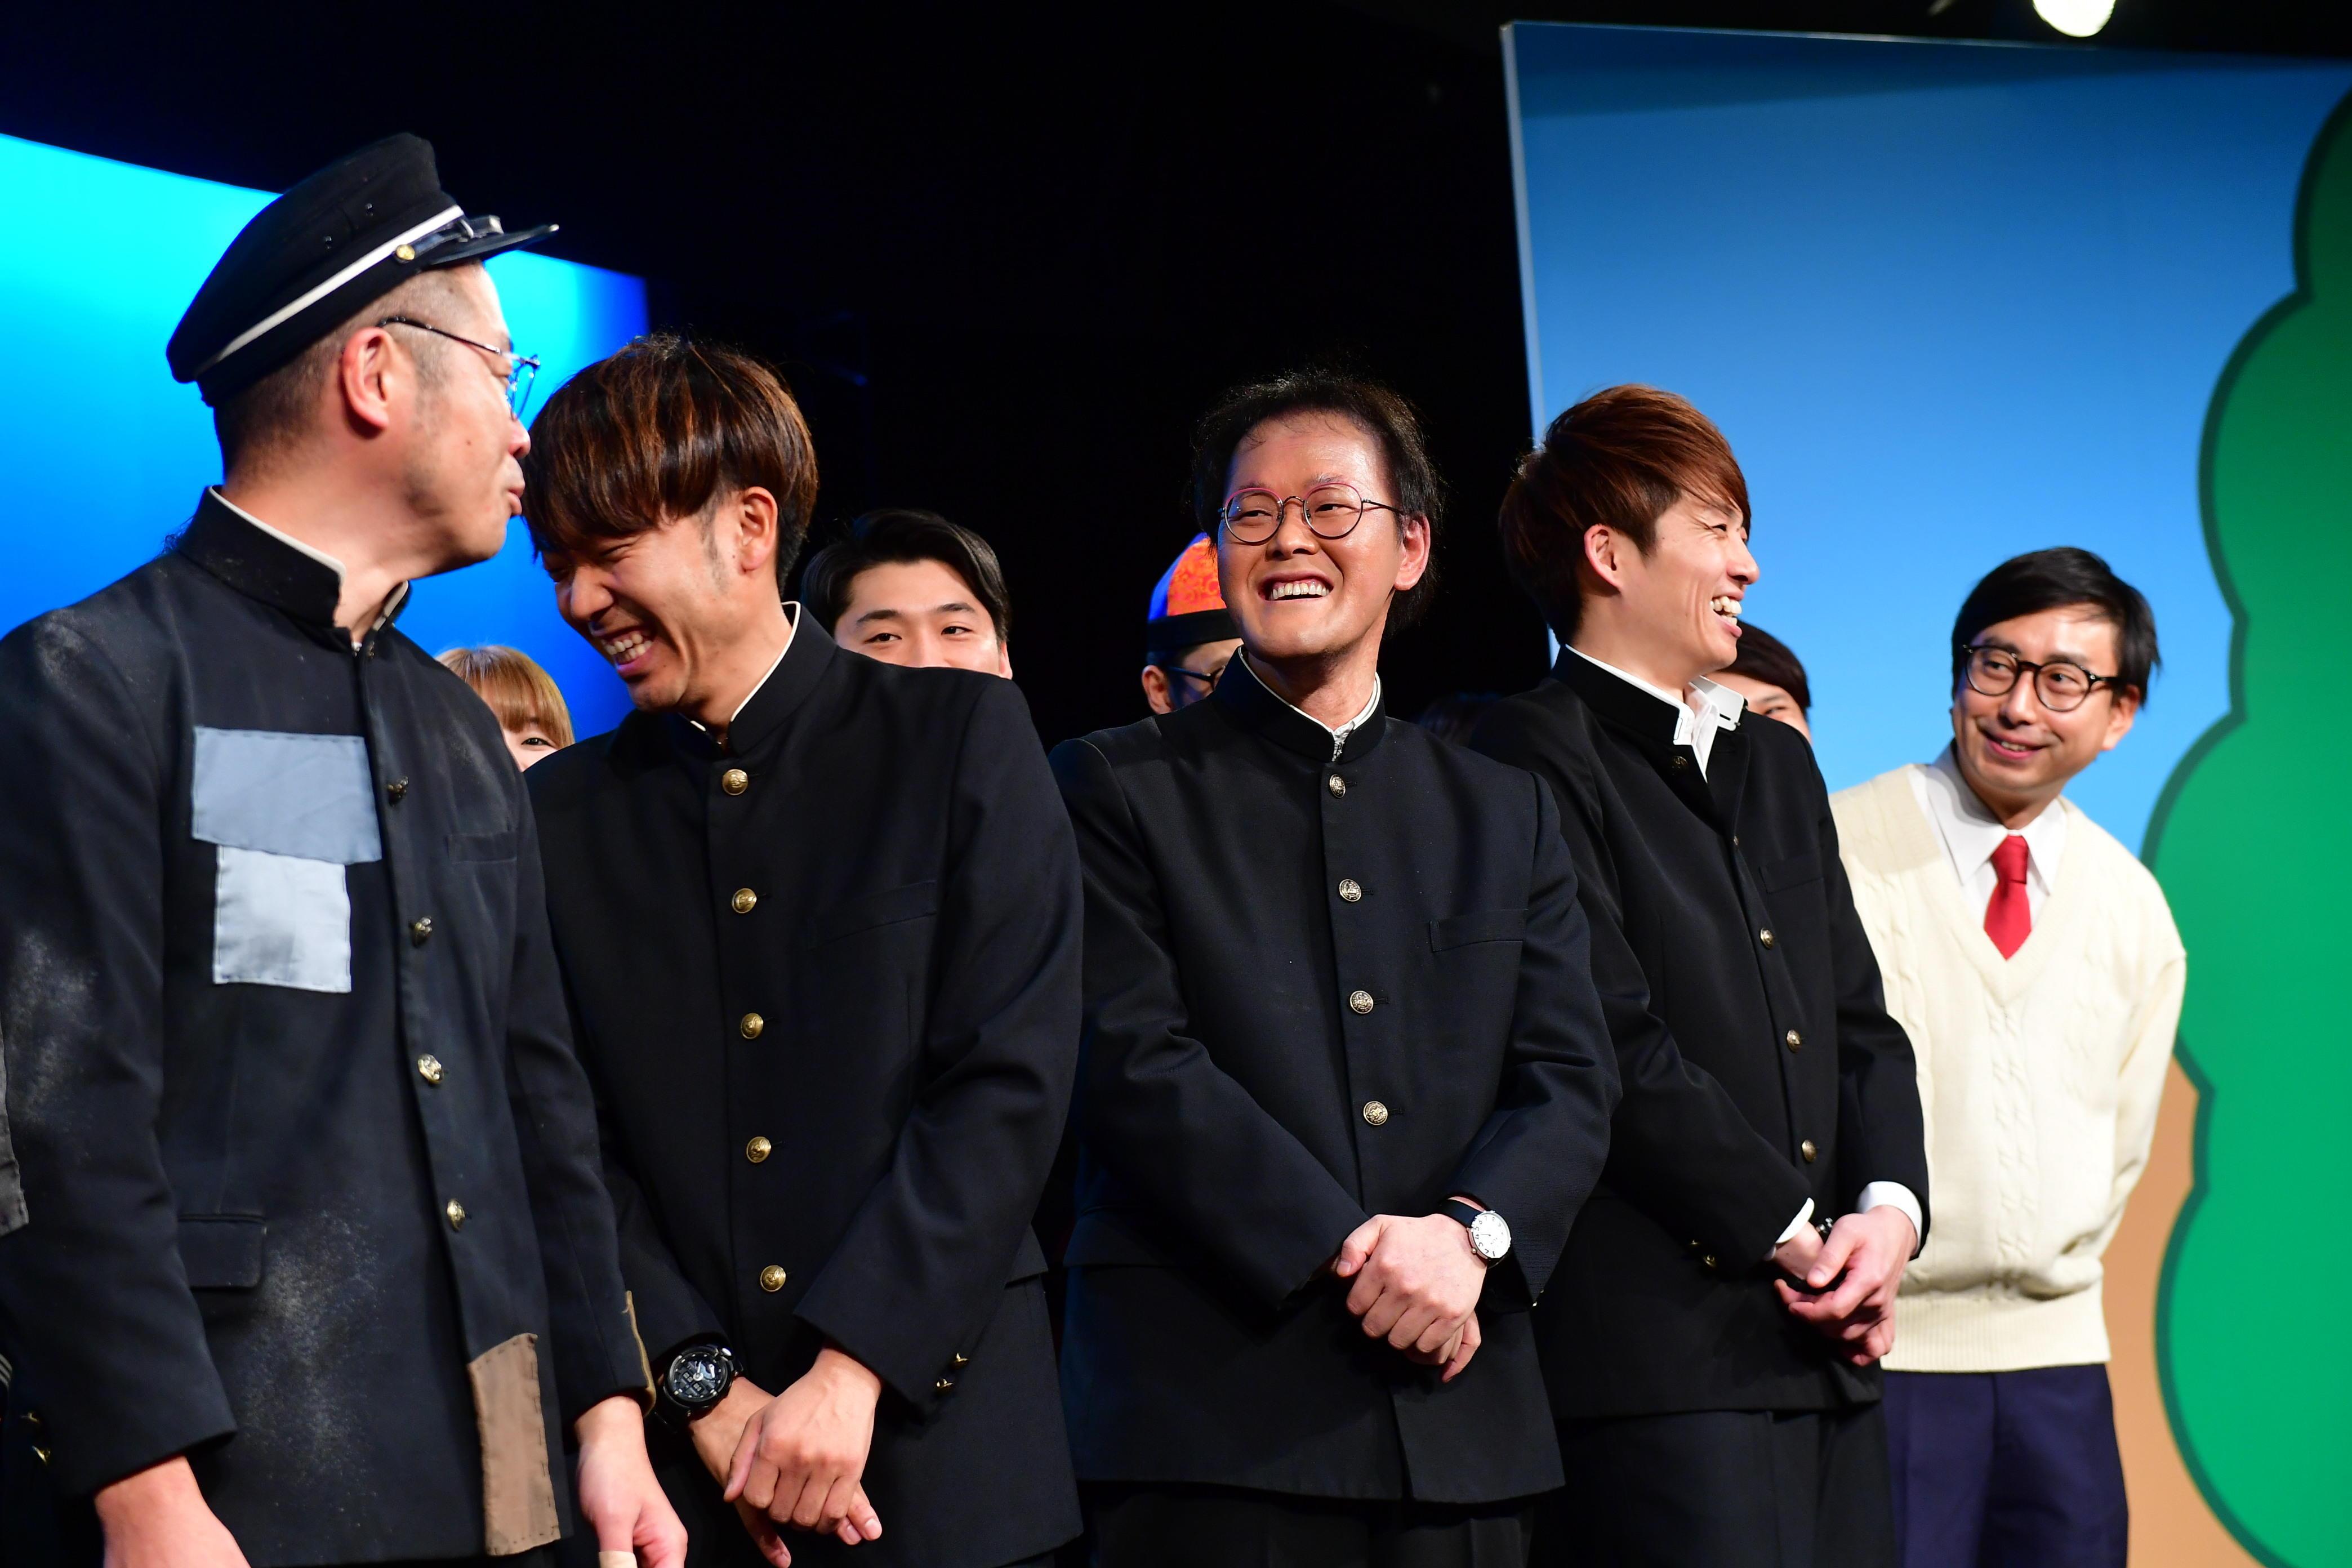 http://news.yoshimoto.co.jp/20181220085944-39f2b93ac314ab12f5aa162a0dc5d0b21f5eb181.jpg